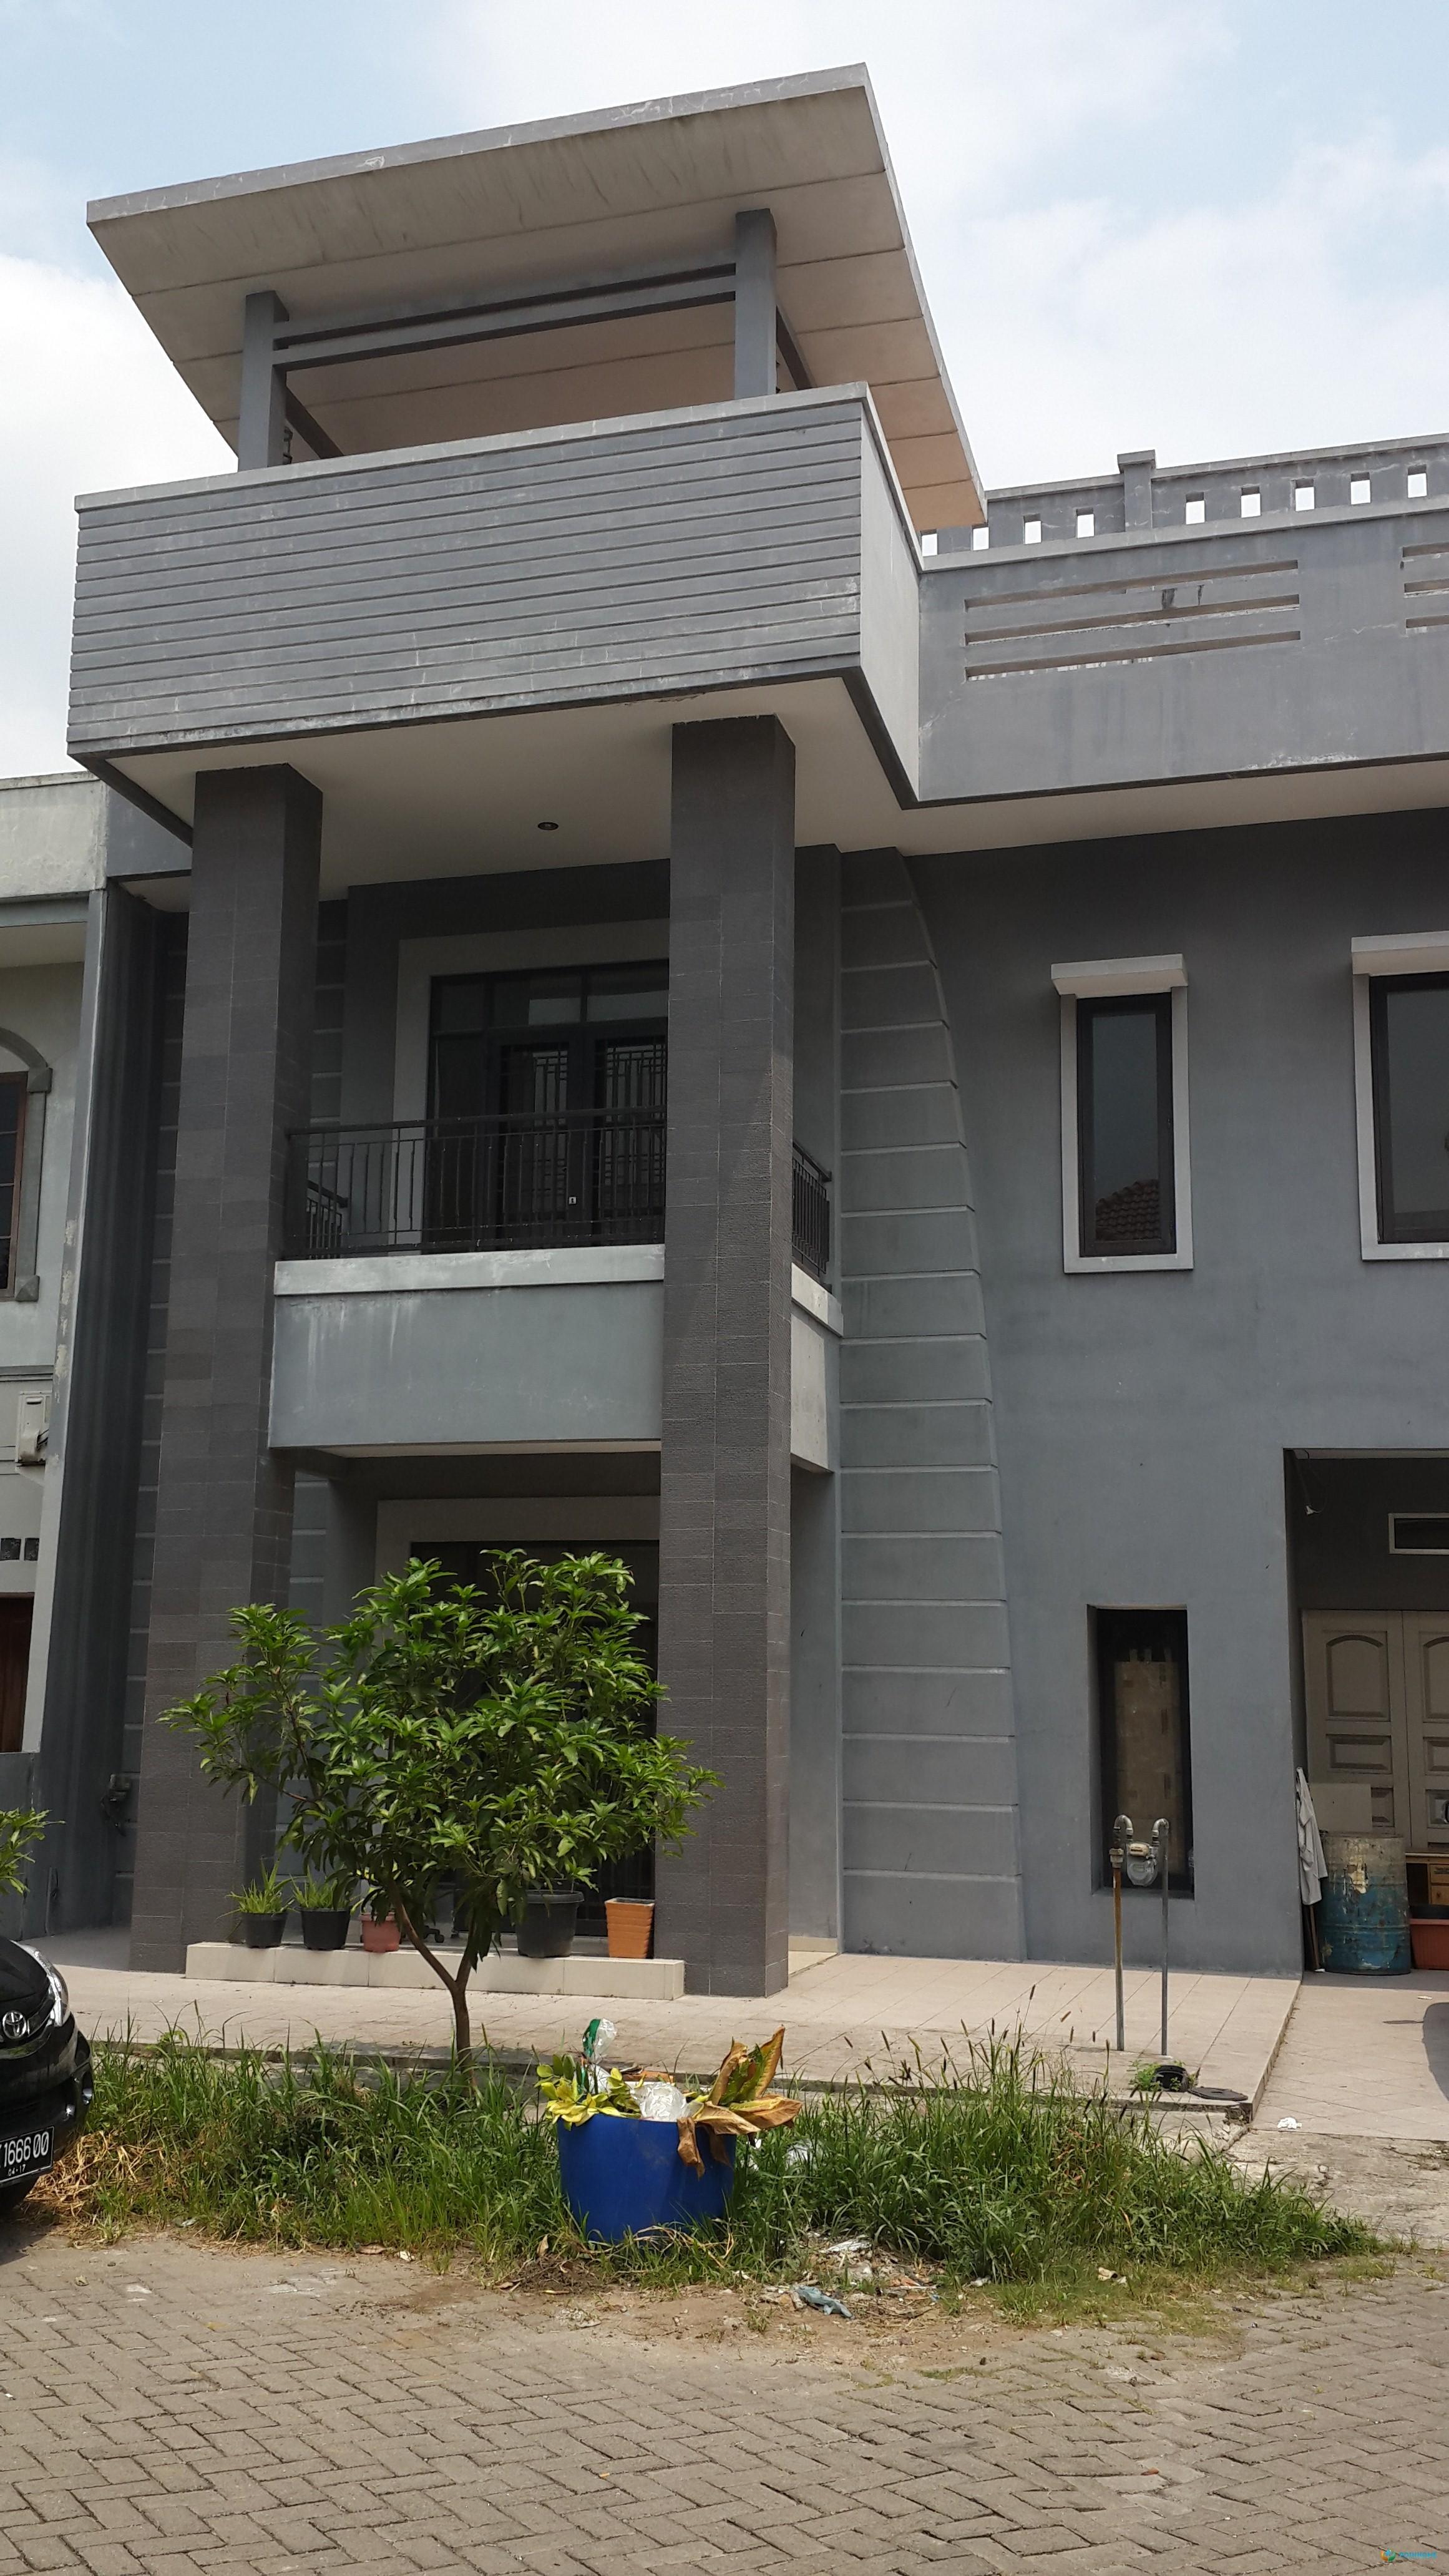 Poinhome Detail Jual Rumah Komplek Cemara Asri Medan Kota